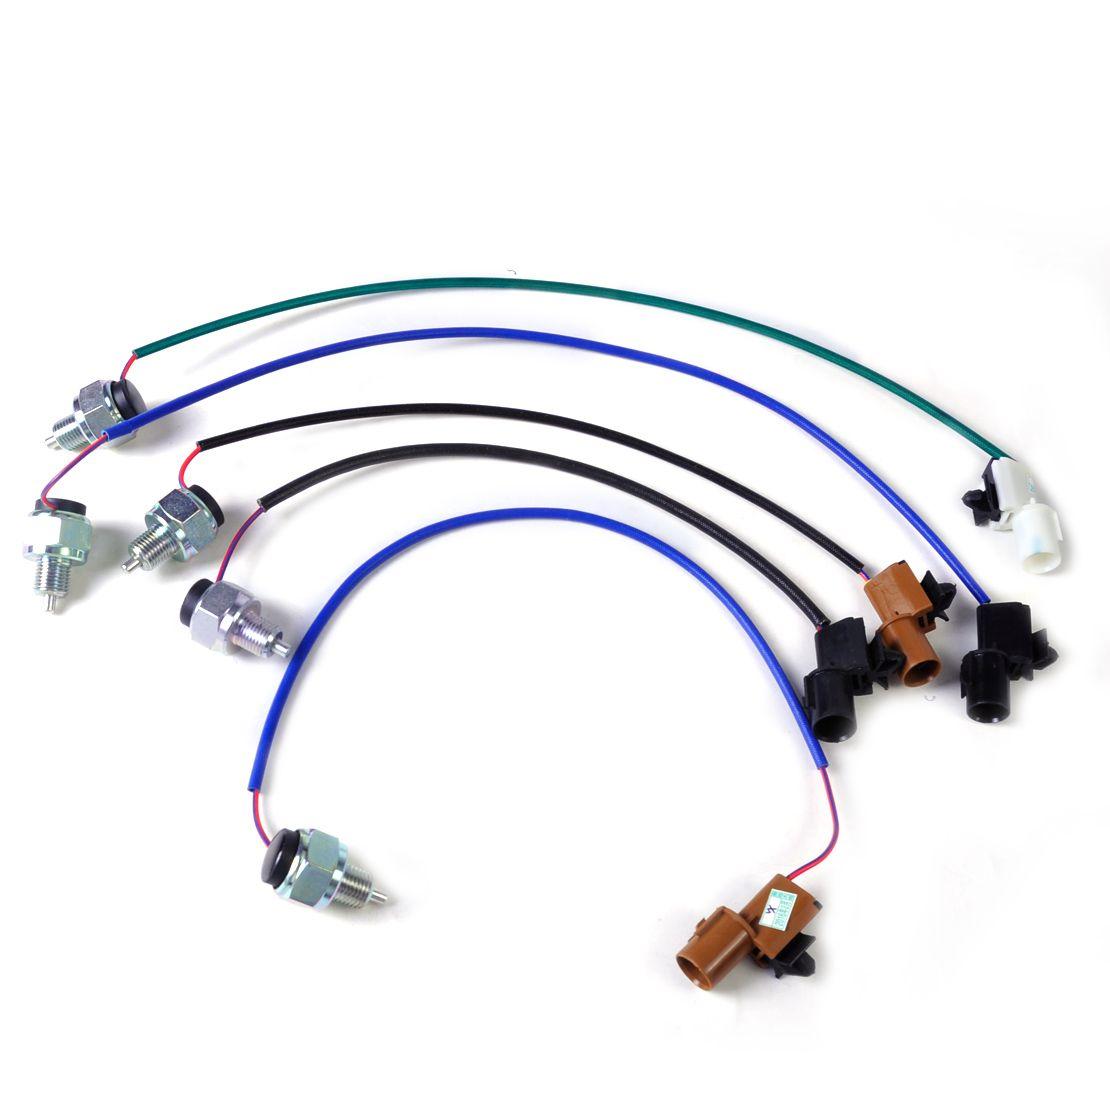 Beler 5 pièces commutateur de boîtier de transfert adapté pour Mitsubishi Montero Pajero MR580151 MR580152 MR580153 MR580154 MR580155